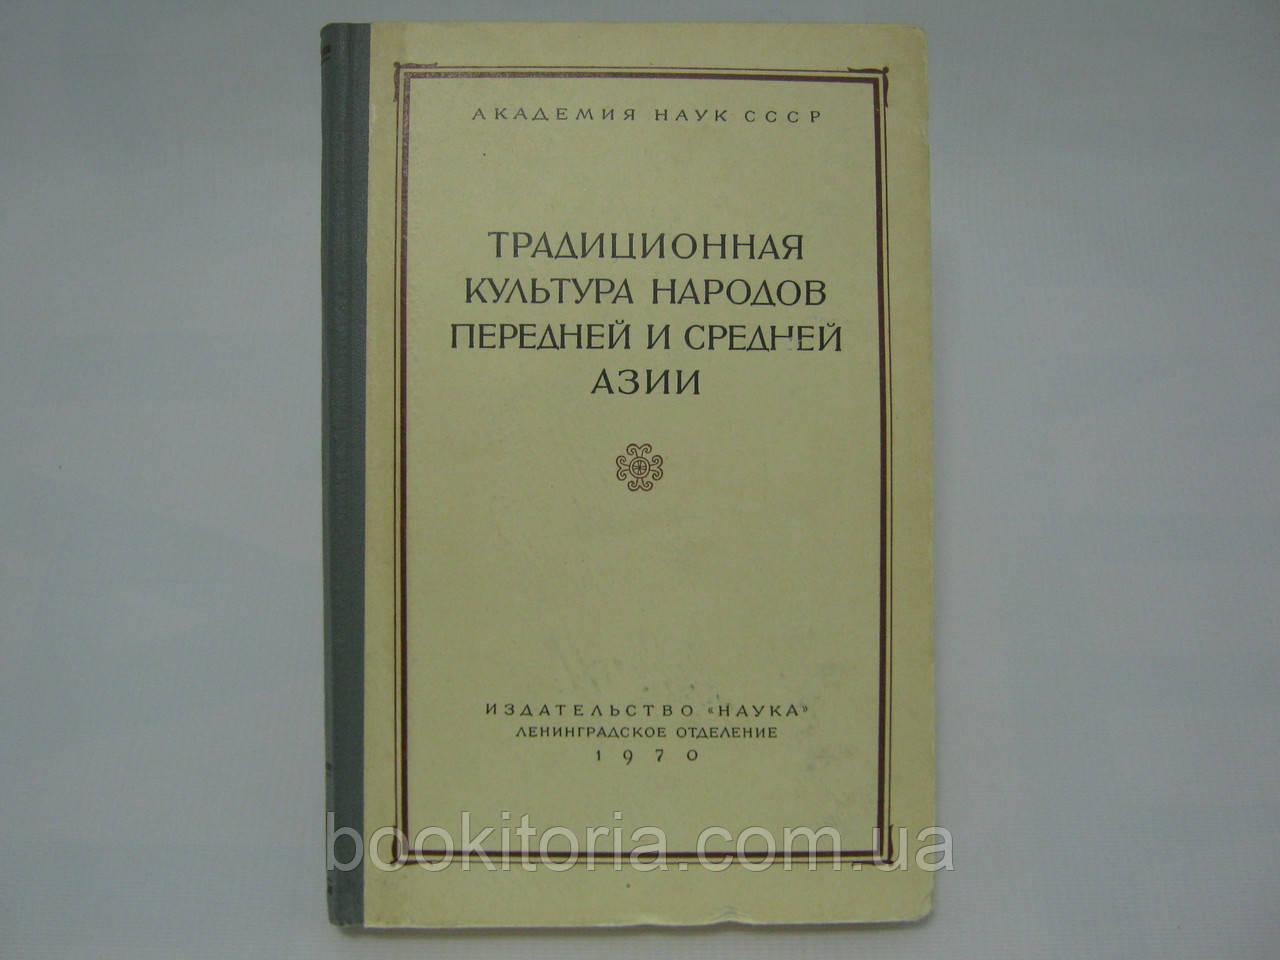 Традиционная культура народов Передней и Средней Азии (б/у).